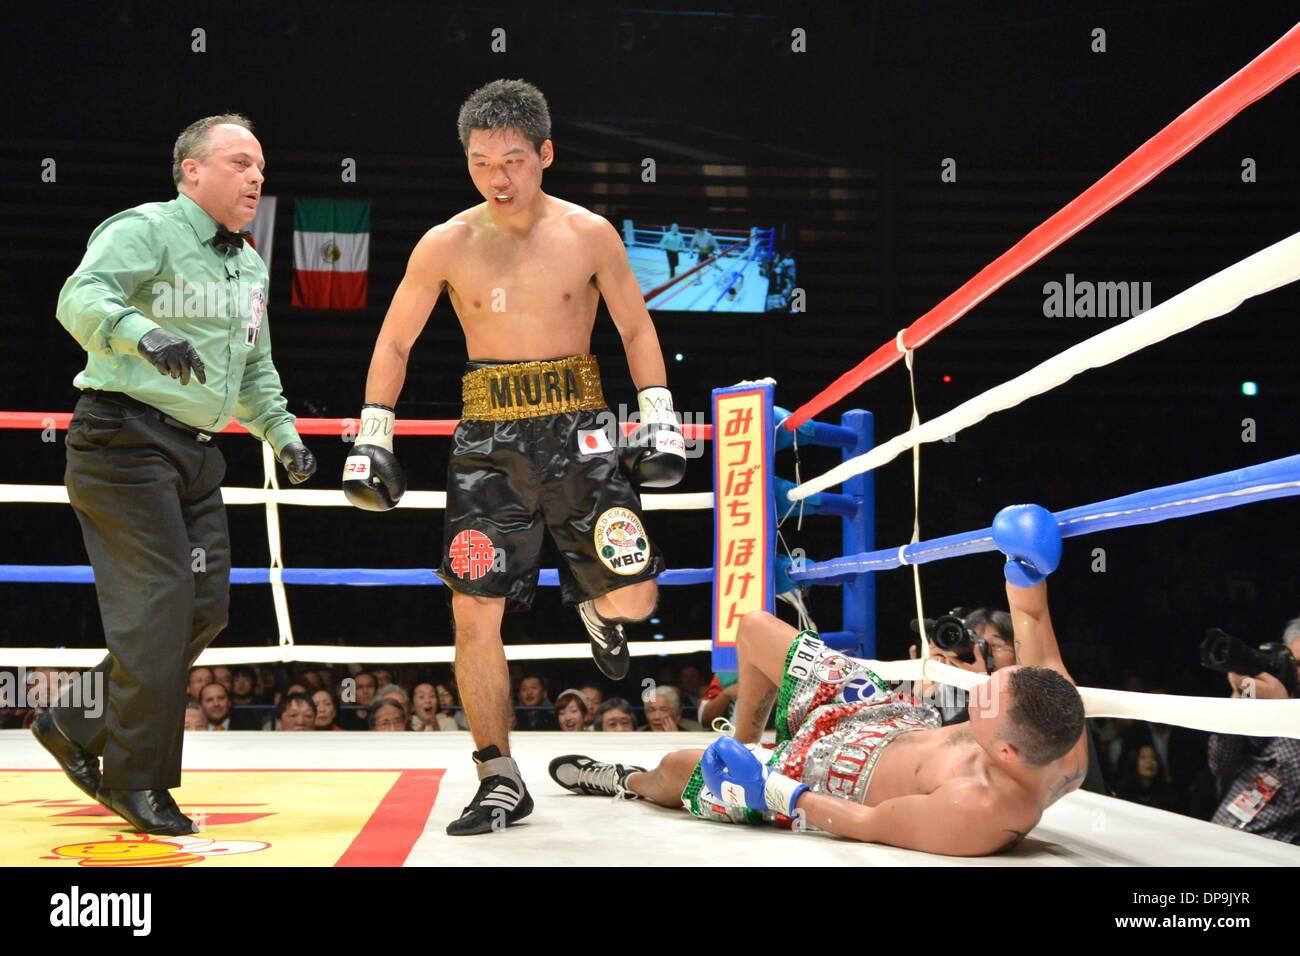 Excepcional Boxeo Enmarcado Fotos Bandera - Ideas Personalizadas de ...